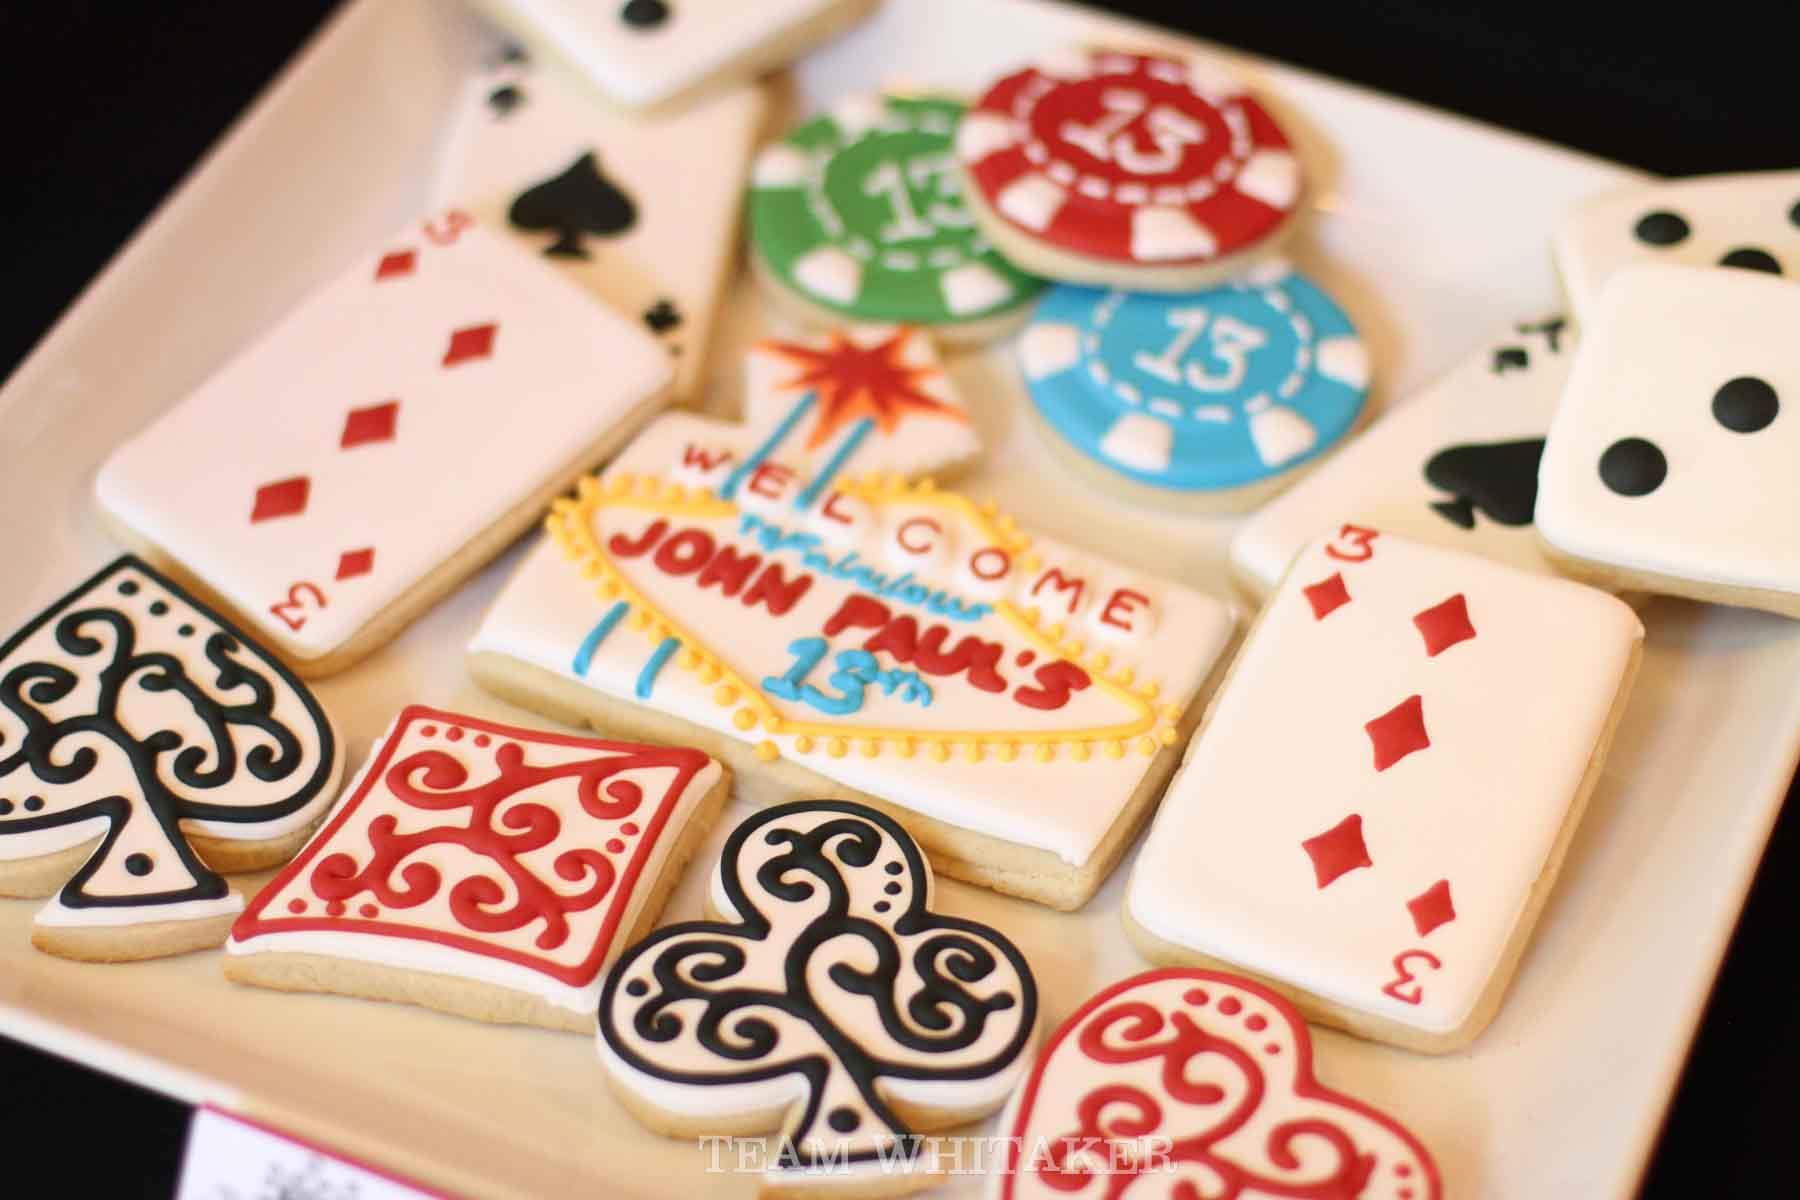 Jp Poker Bday 9186 Kathryn Whitaker